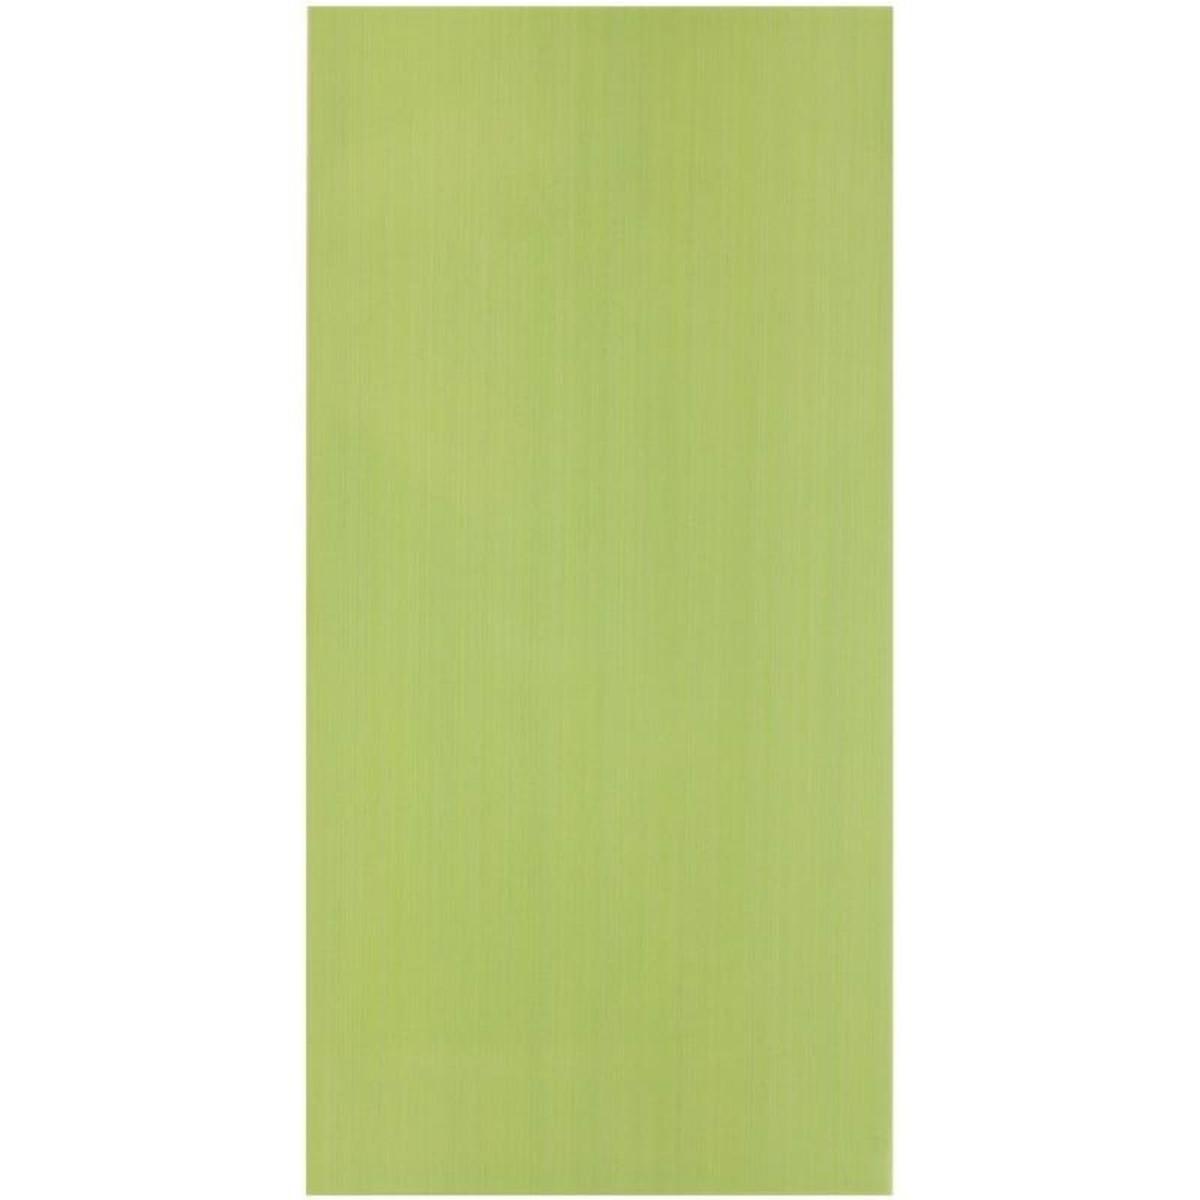 Плитка настенная Фрэска 20х40 см 1.2 м2 цвет салатовый